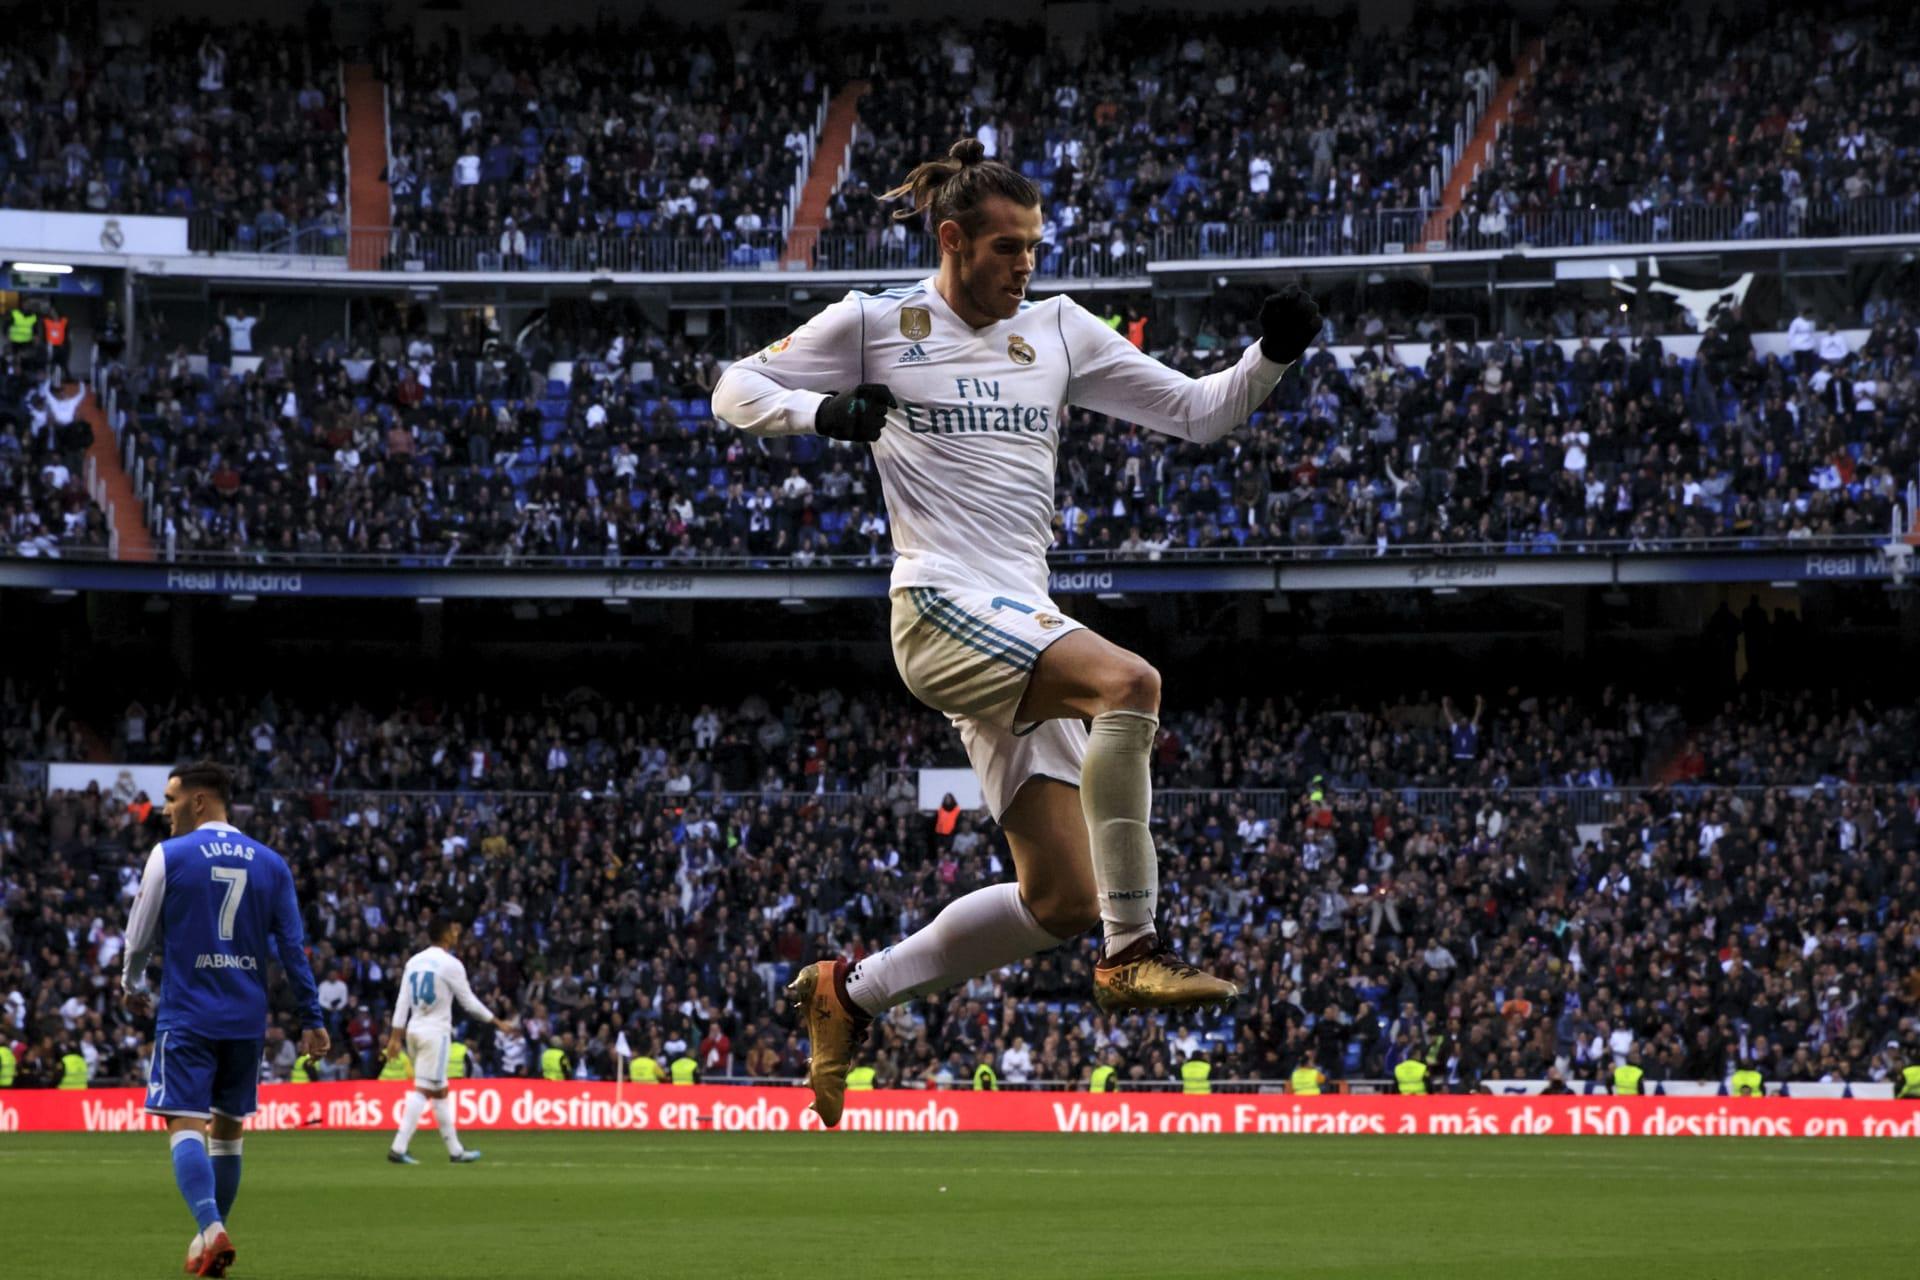 ريال مدريد ينتفض ويحقق أكبر فوز له خلال الموسم الحالي